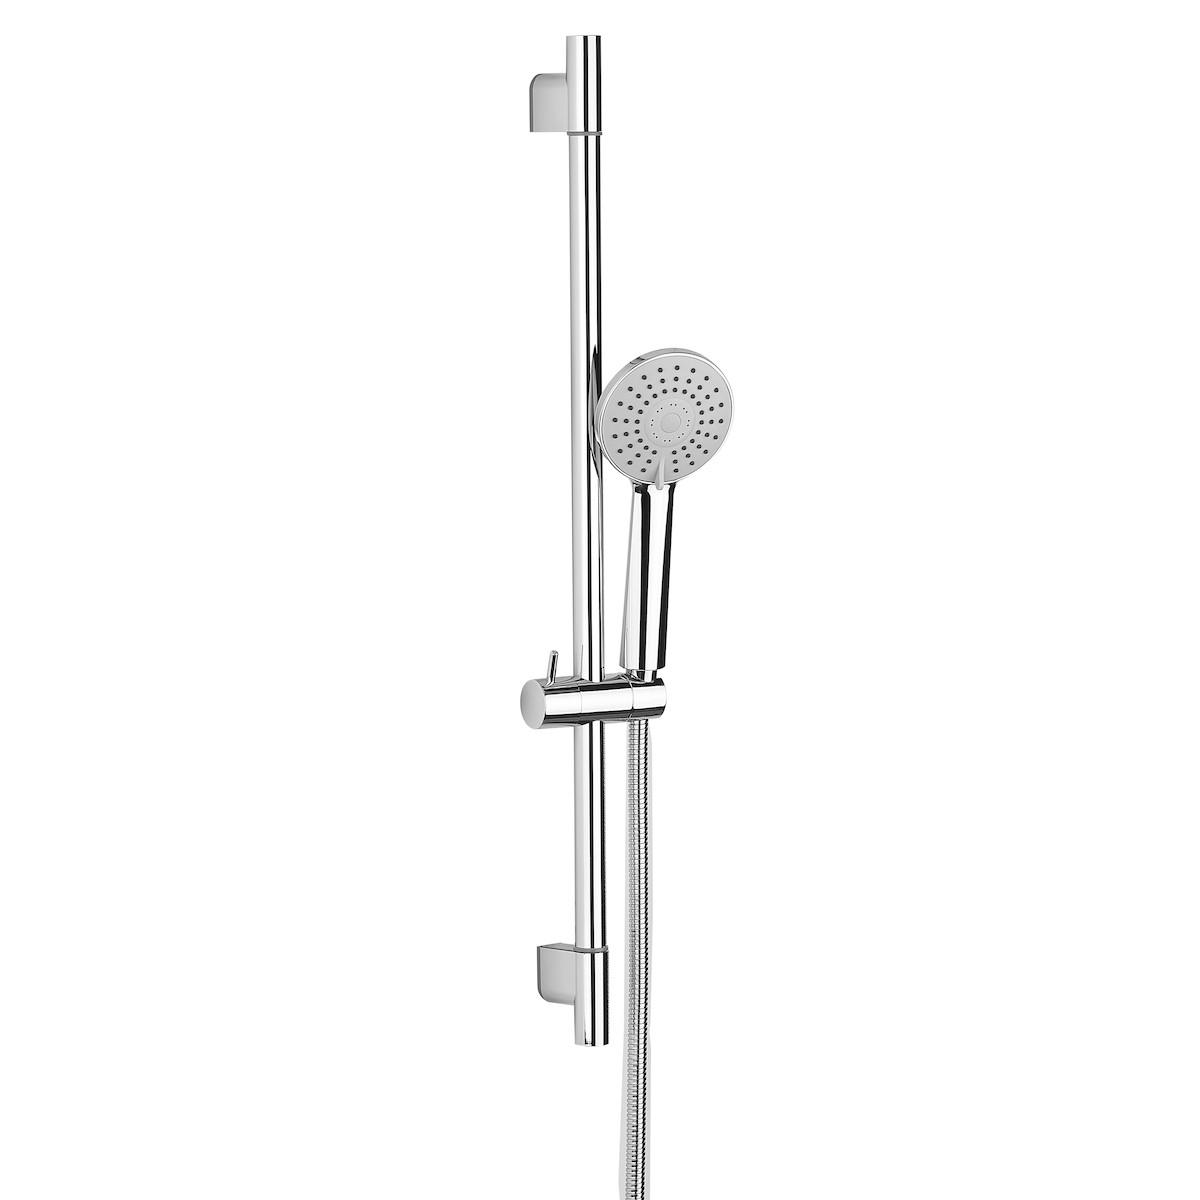 Multi Posuvný sprchový set 70cm, 3 funkce, kulatý design SL070NEW